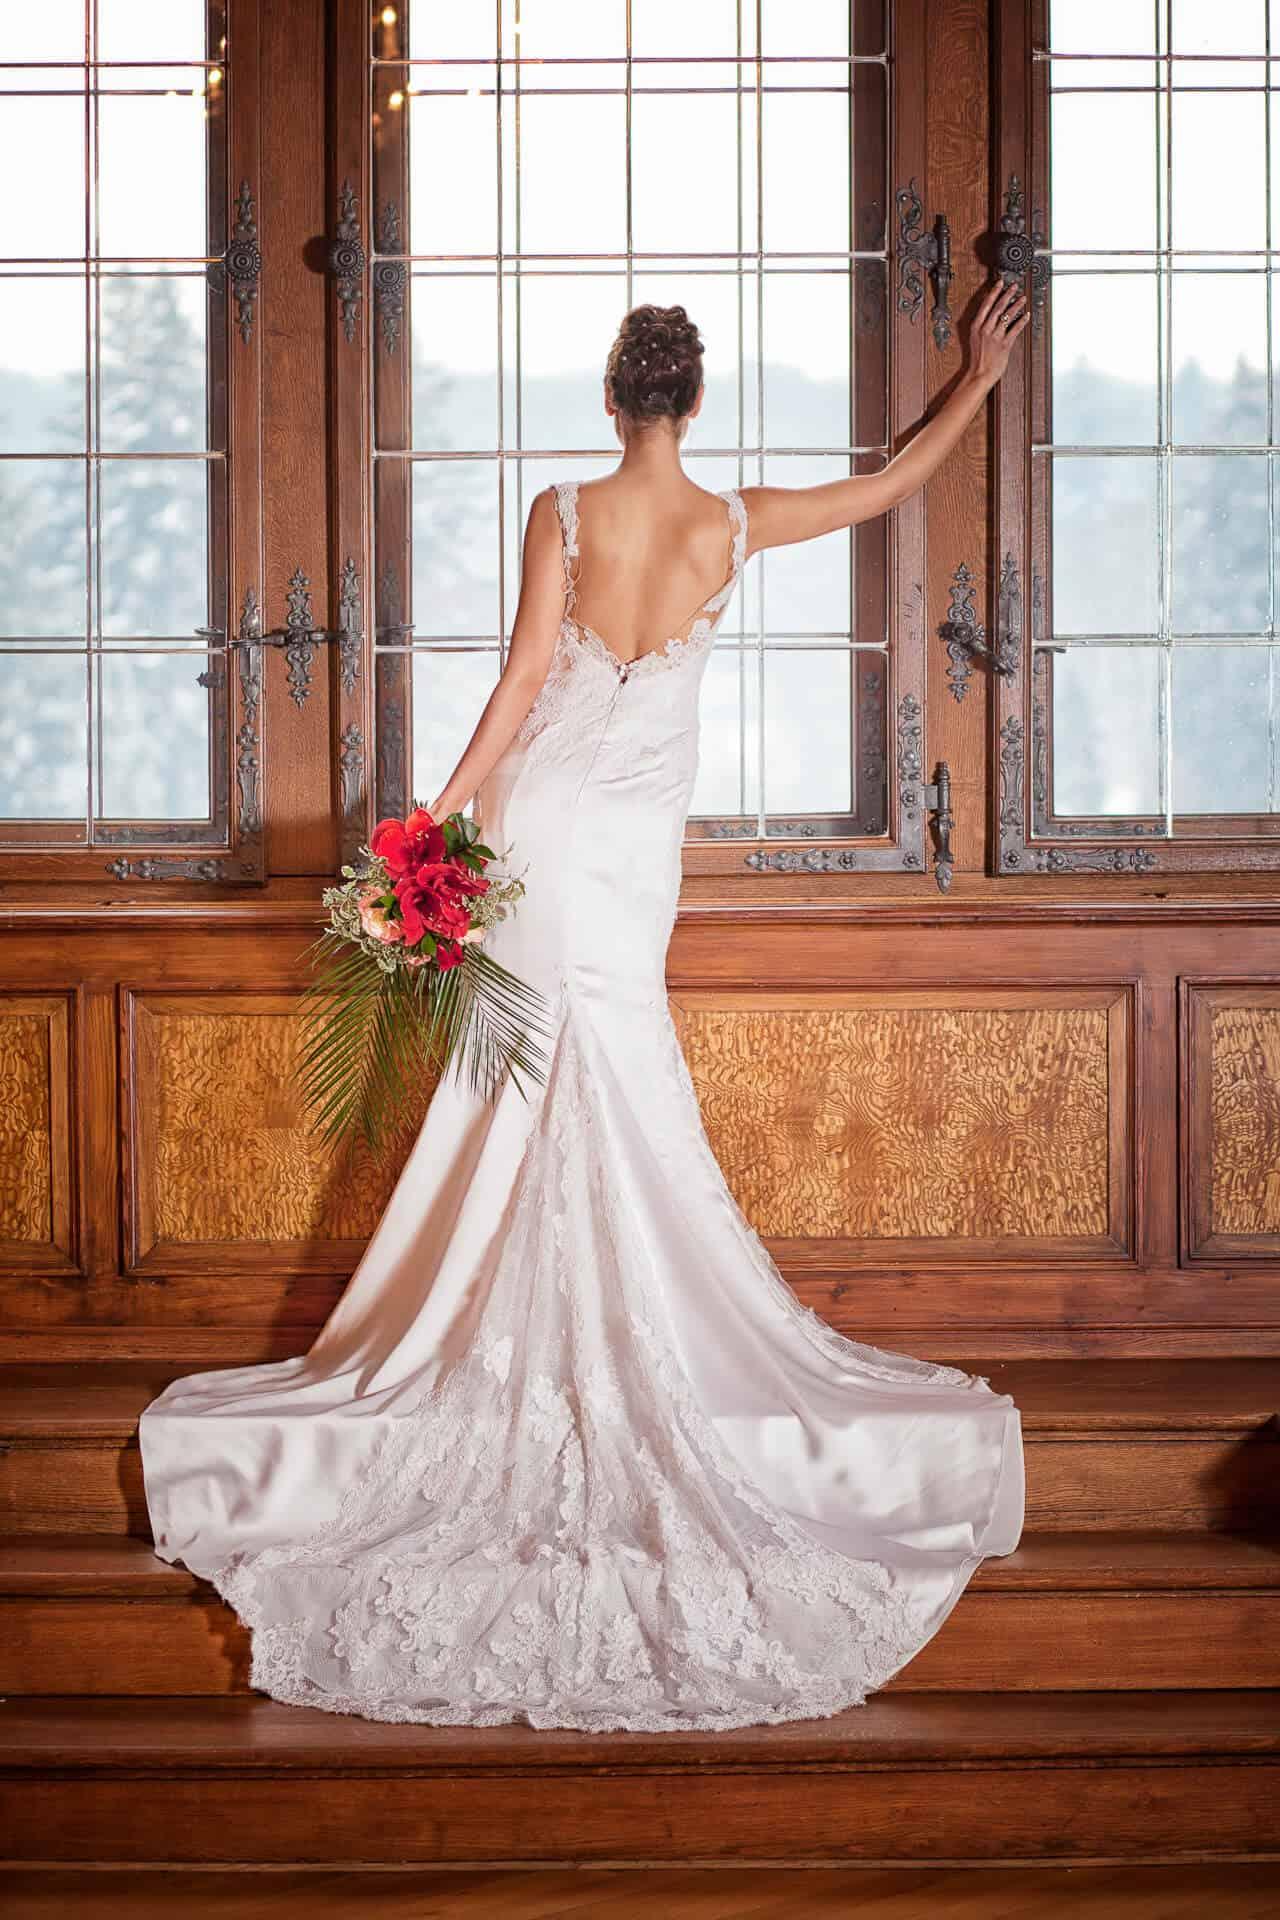 Zámek Průhonice - nevěsta v Rytířském sálu u okna